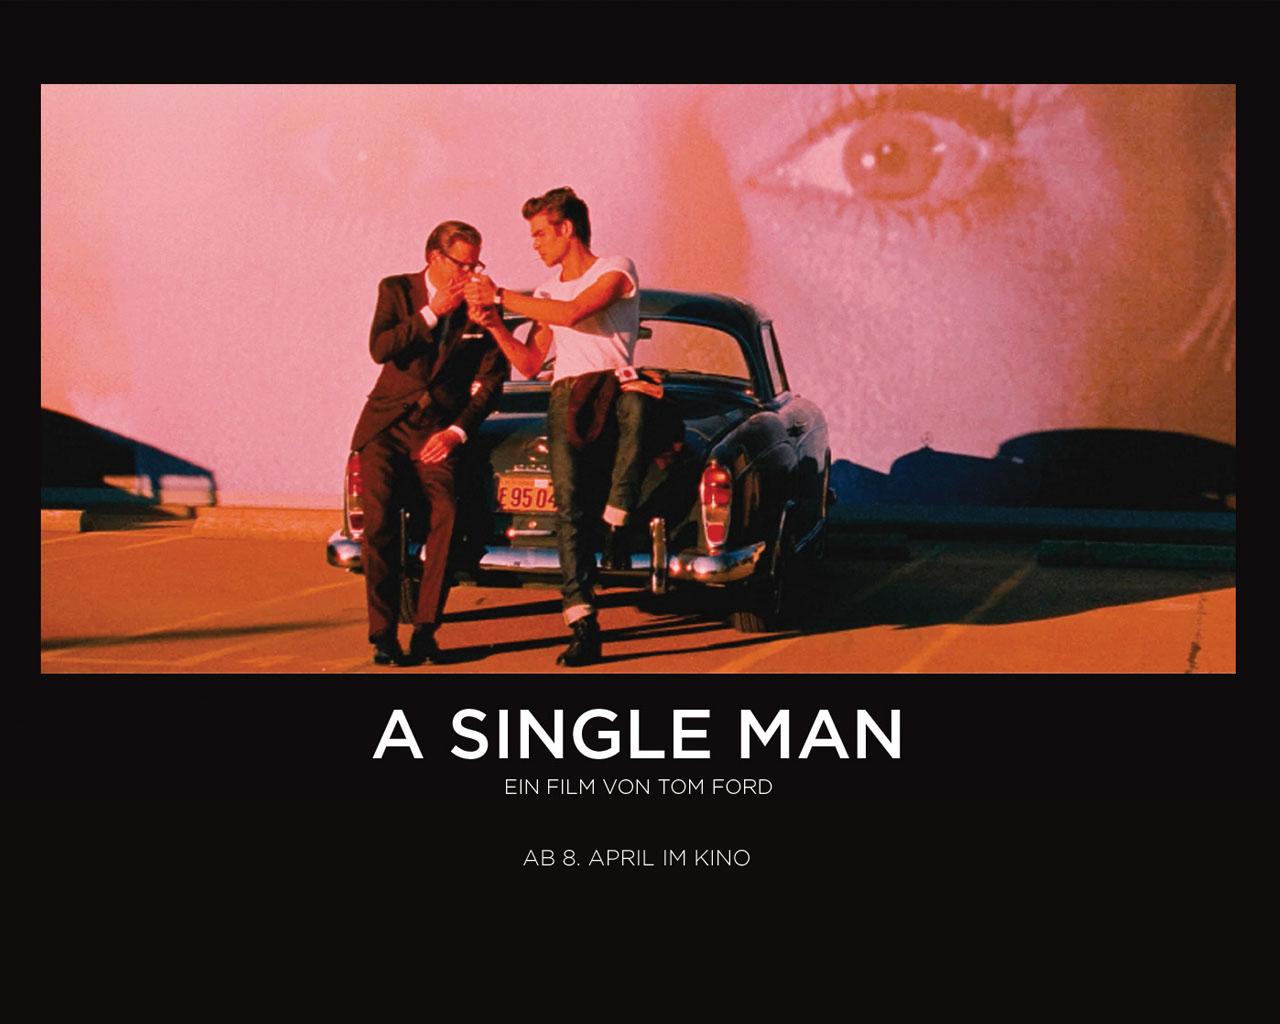 de borgia single men Voici le nouveau clip de keros-n feat tizen « personne »  popcaan sert un  clip pour son single my type postée le 31052018, 169 vues.